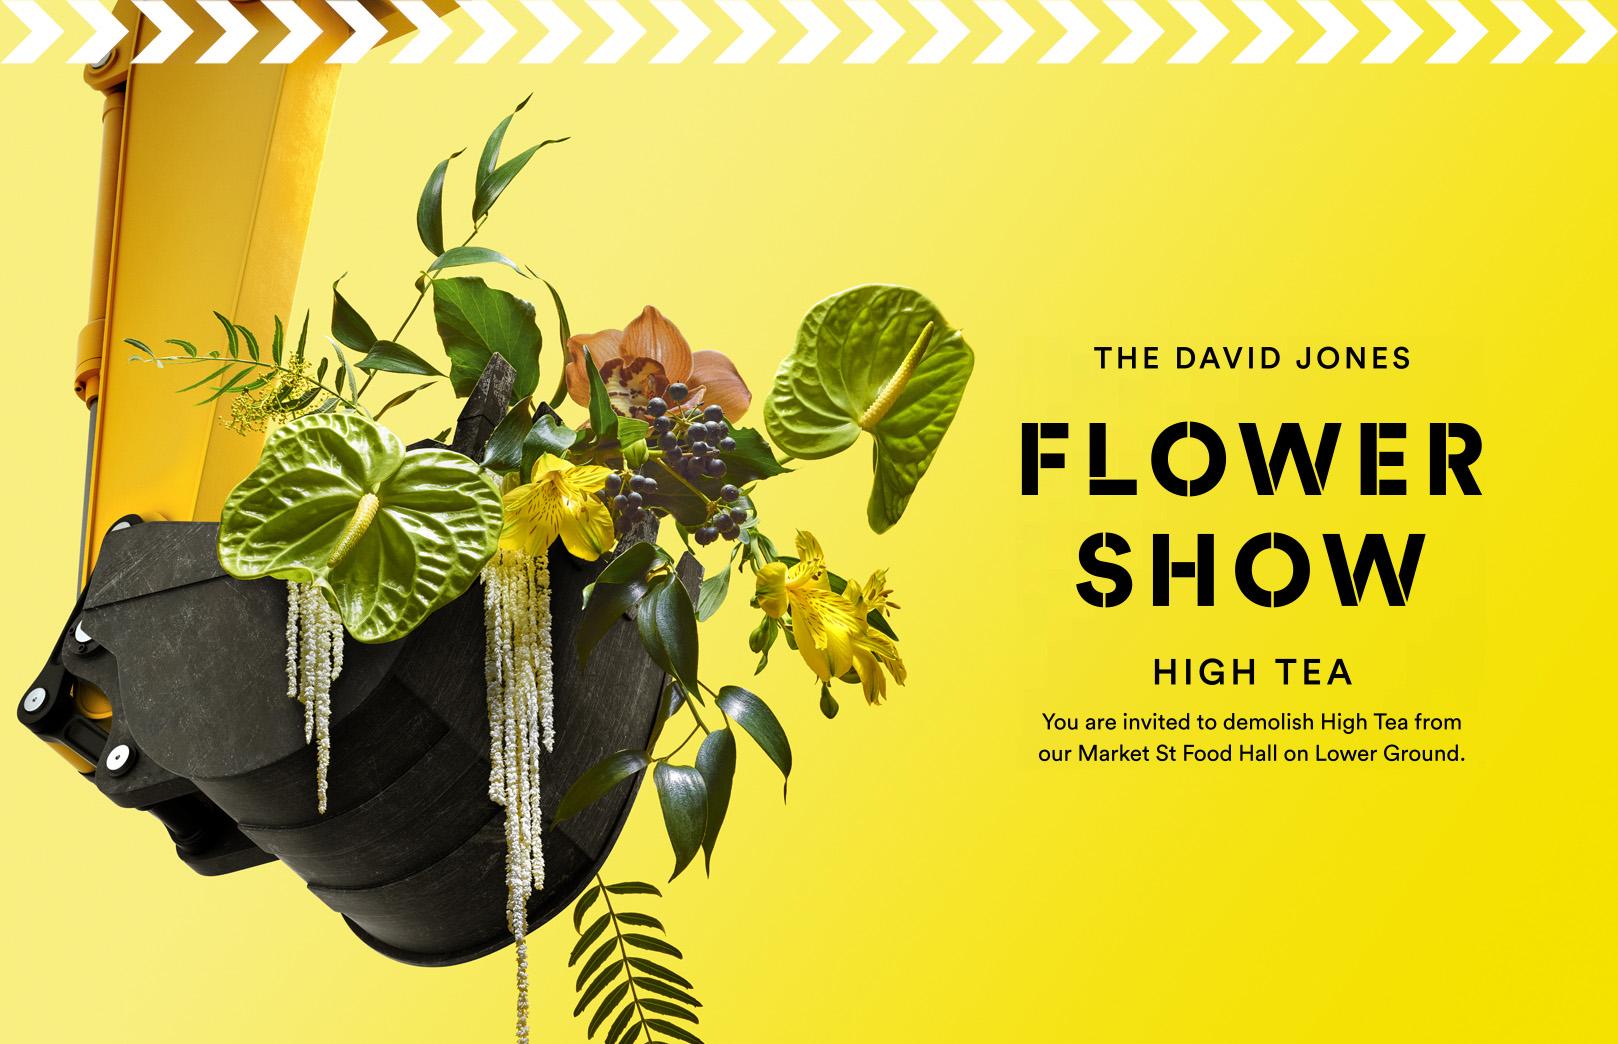 DJs_Flower Show 2019_V4.jpg